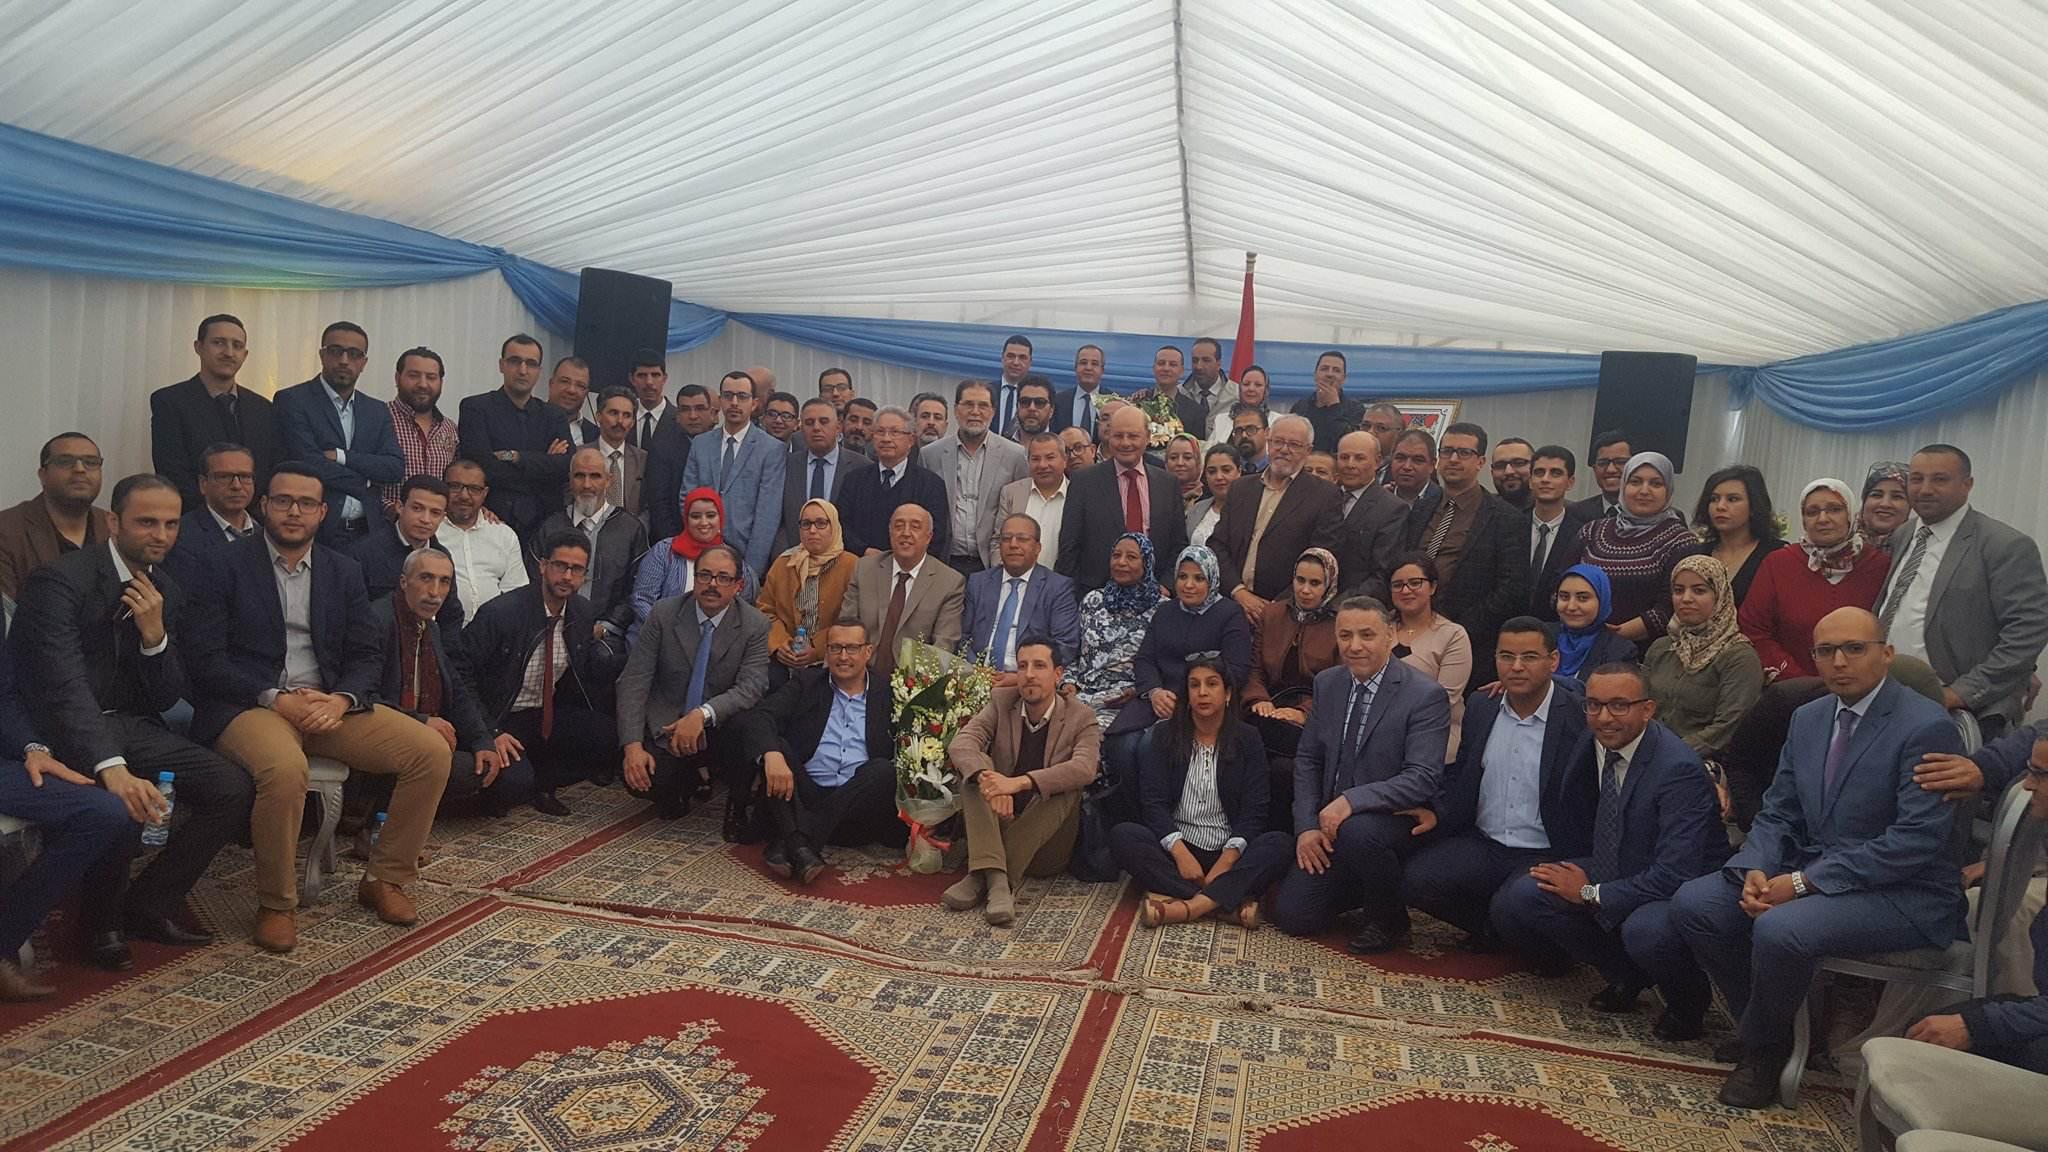 أكادير : مديرية الضرائب تكرم المدير الجهوي السابق علي عبد المالك بحضور المدير الجهوي الجديد